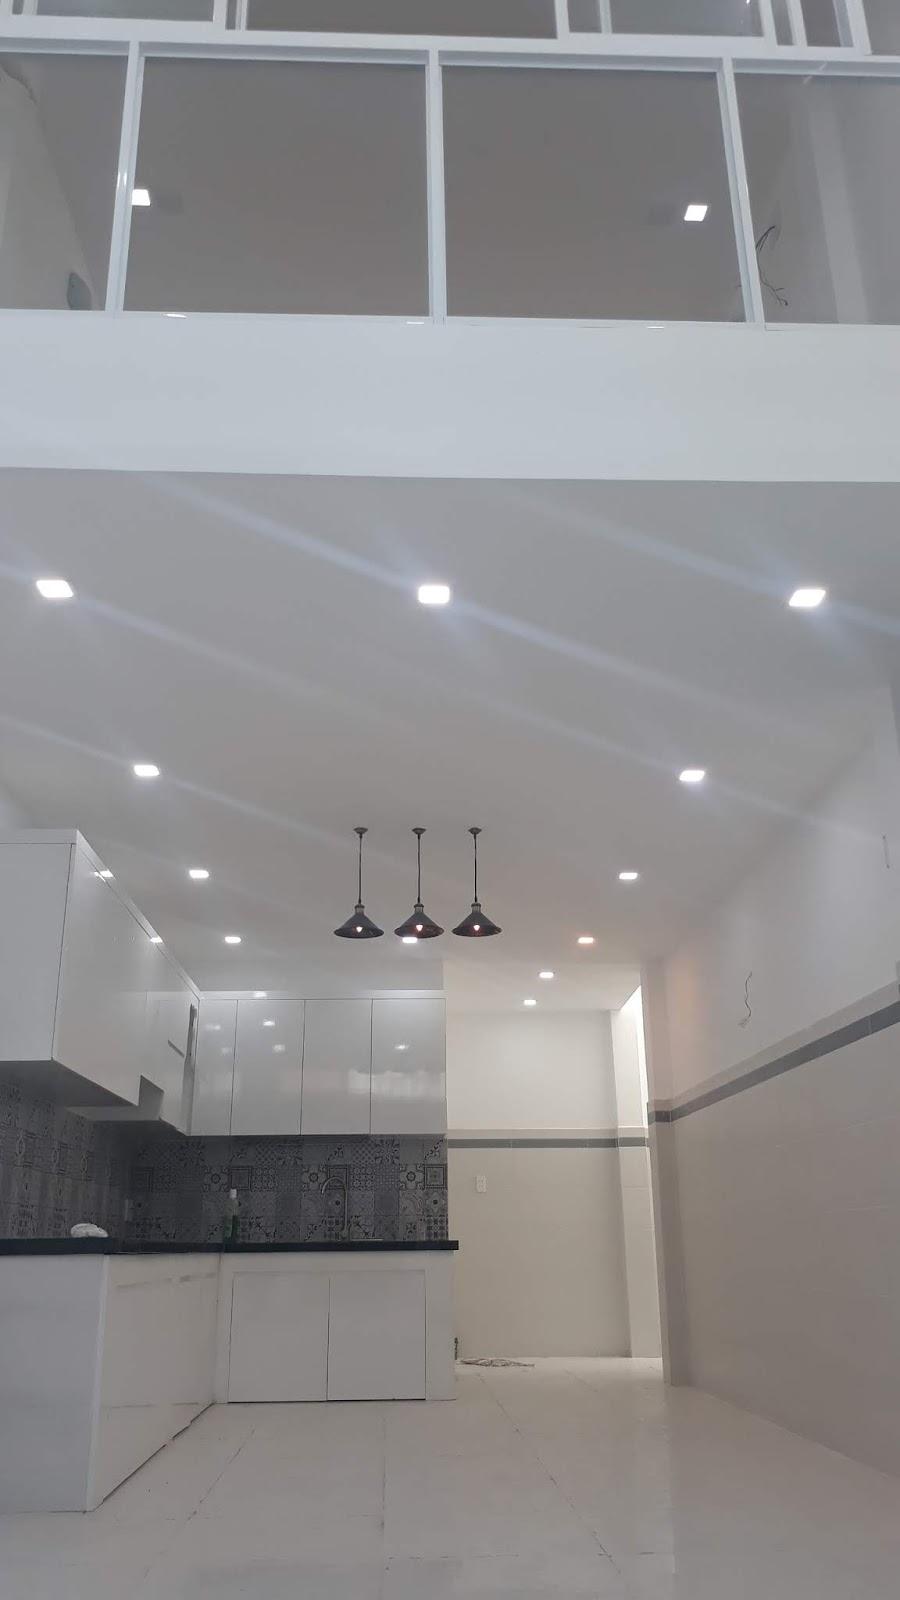 Bán nhà hẻm 280 Trinh Quang Nghị, P7, Quận 8 giá rẻ, chỉ 2,1 tỷ